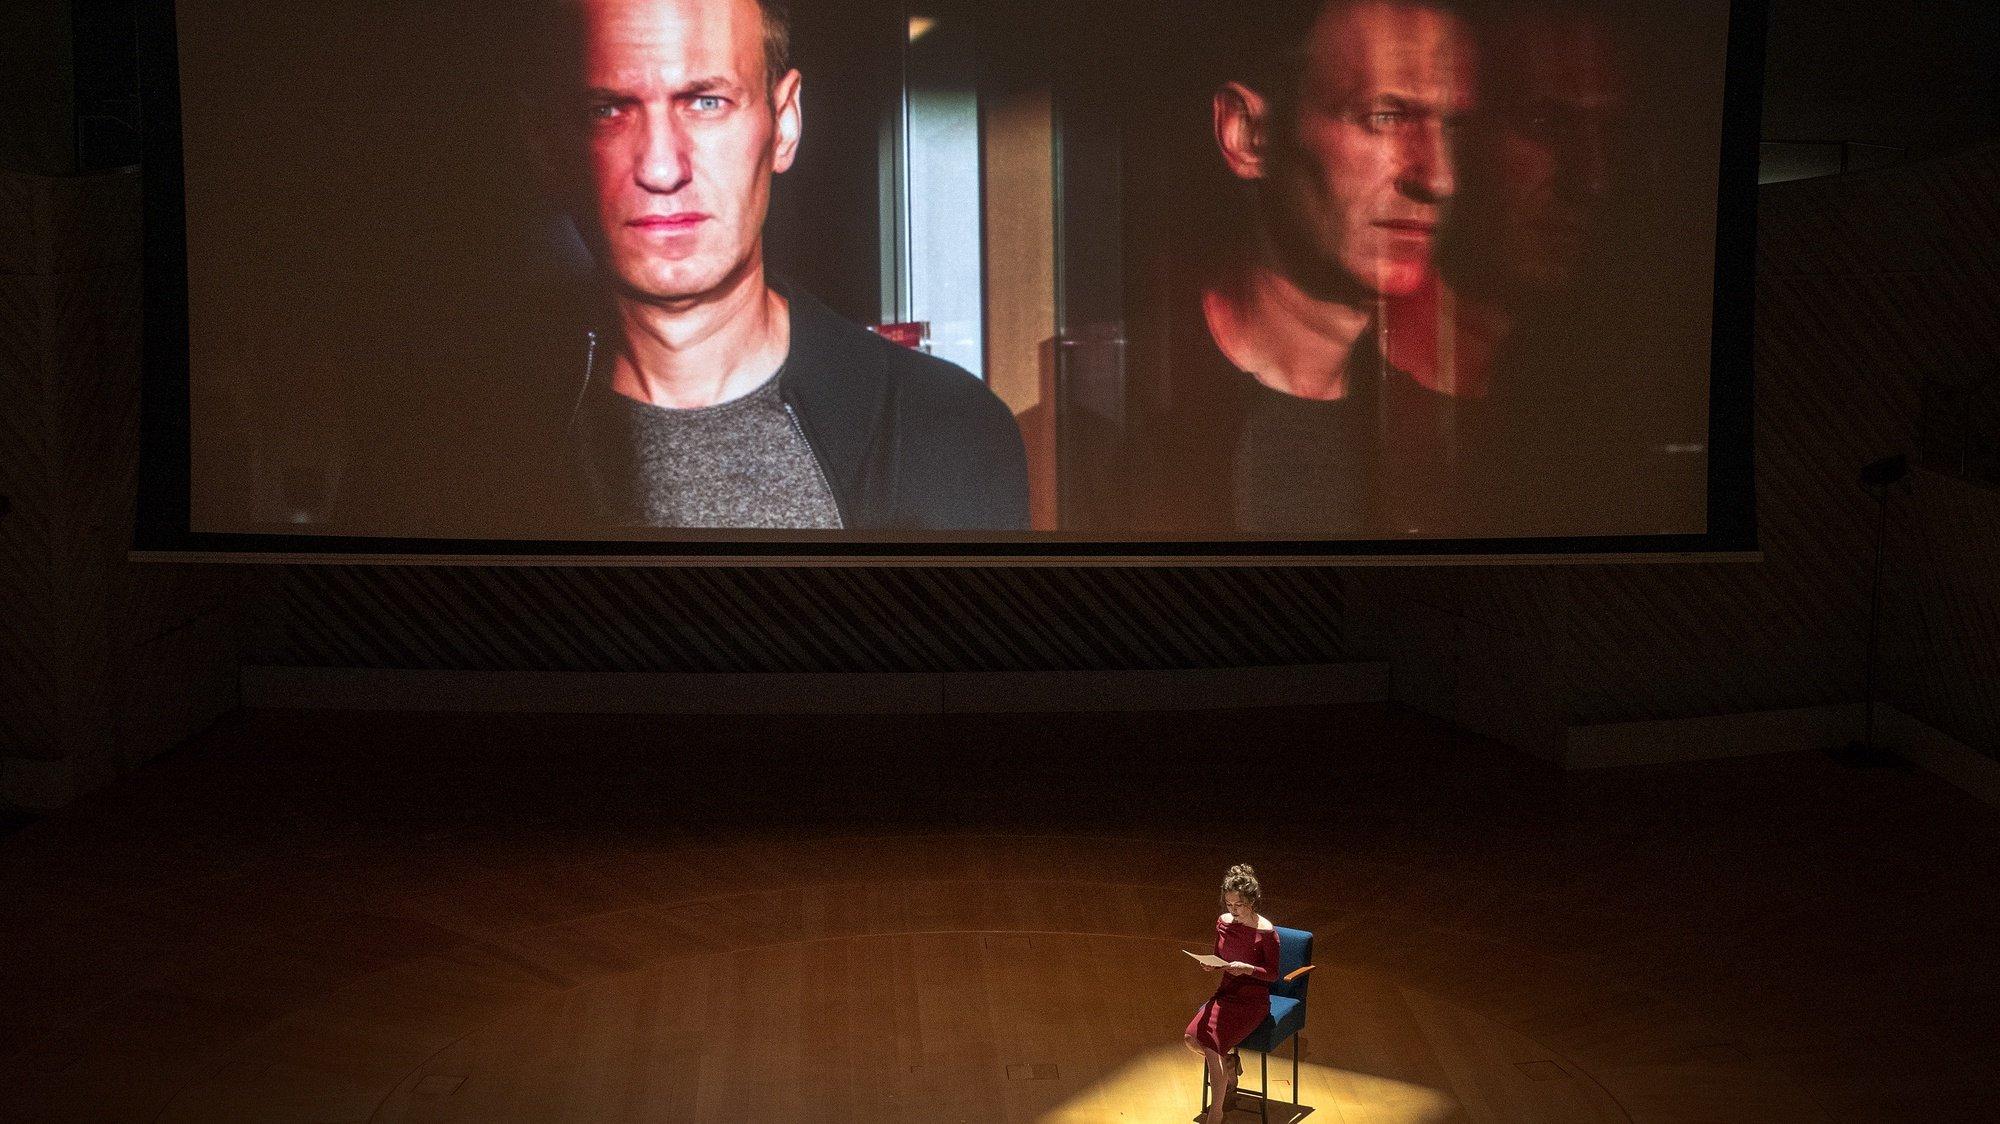 Maria Pevchikh, investigadora principal da fundação Anti-corrupção, conta a história do opositor Alexey Navalny